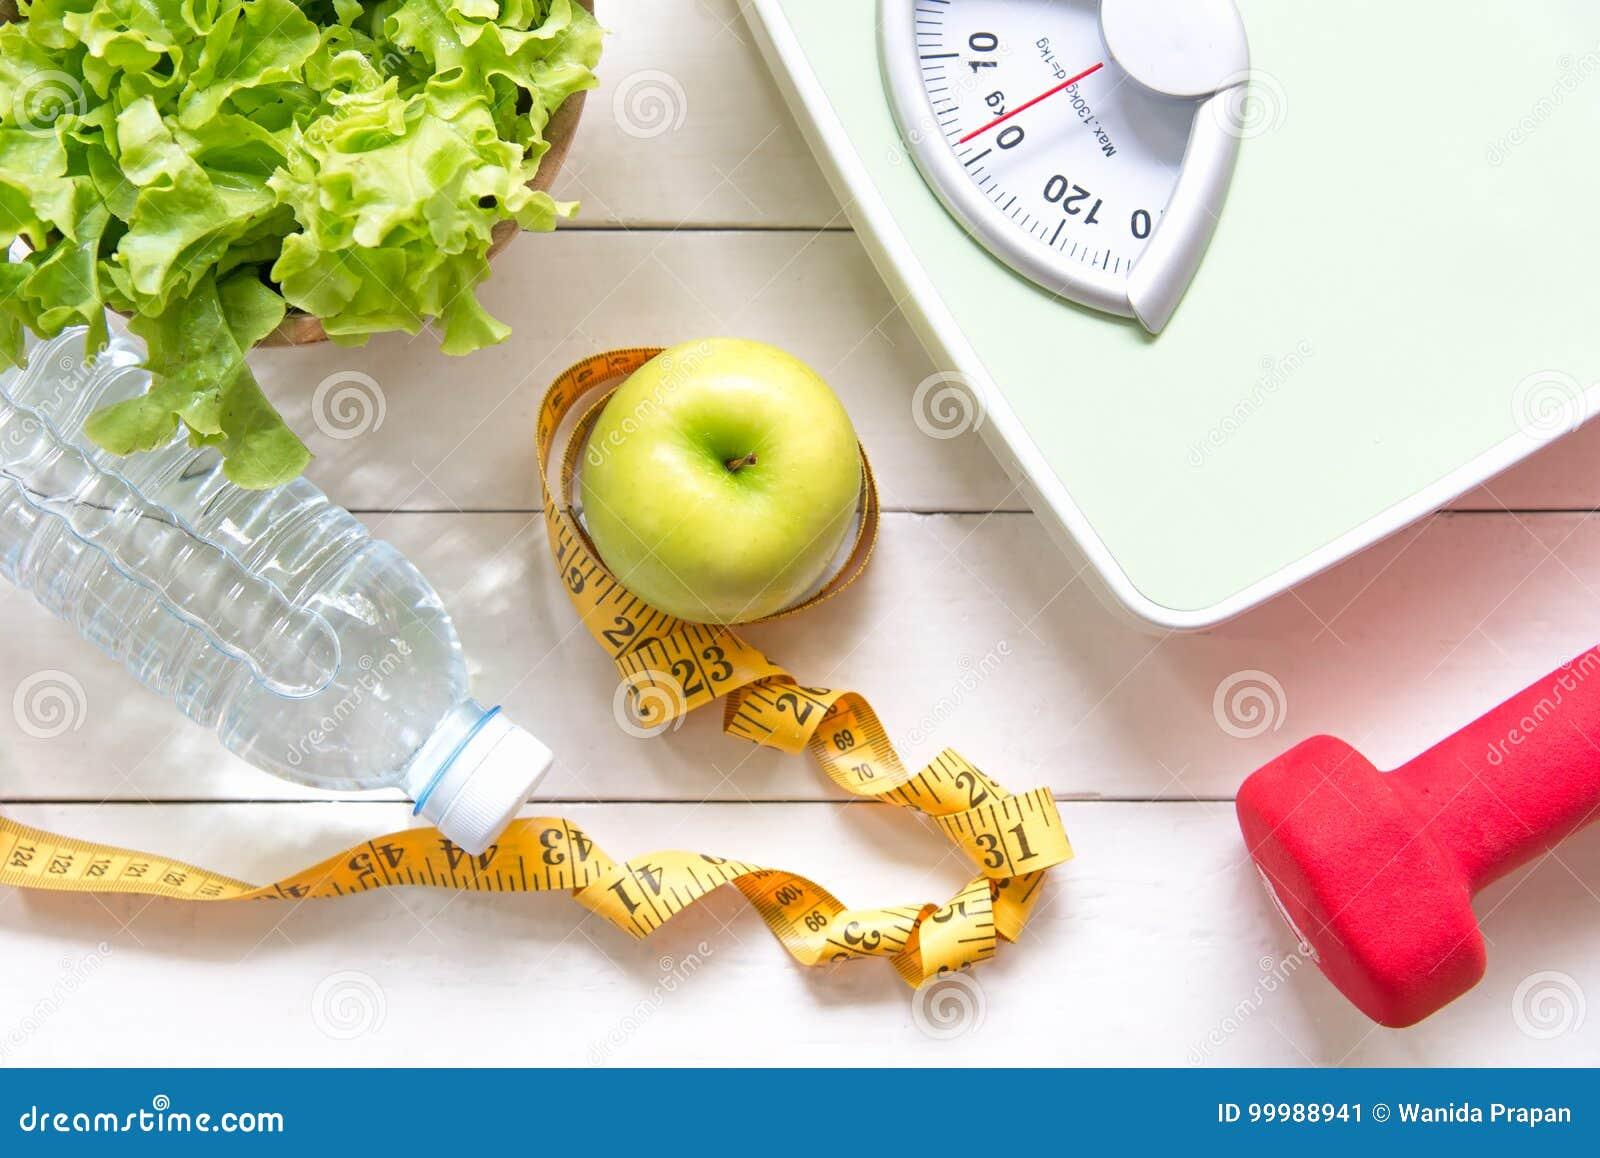 Zielony jabłko i ciężar ważymy, miara klepnięcia z świeżym warzywem, czysta woda i sporta wyposażenie dla kobiety diety odchudzan